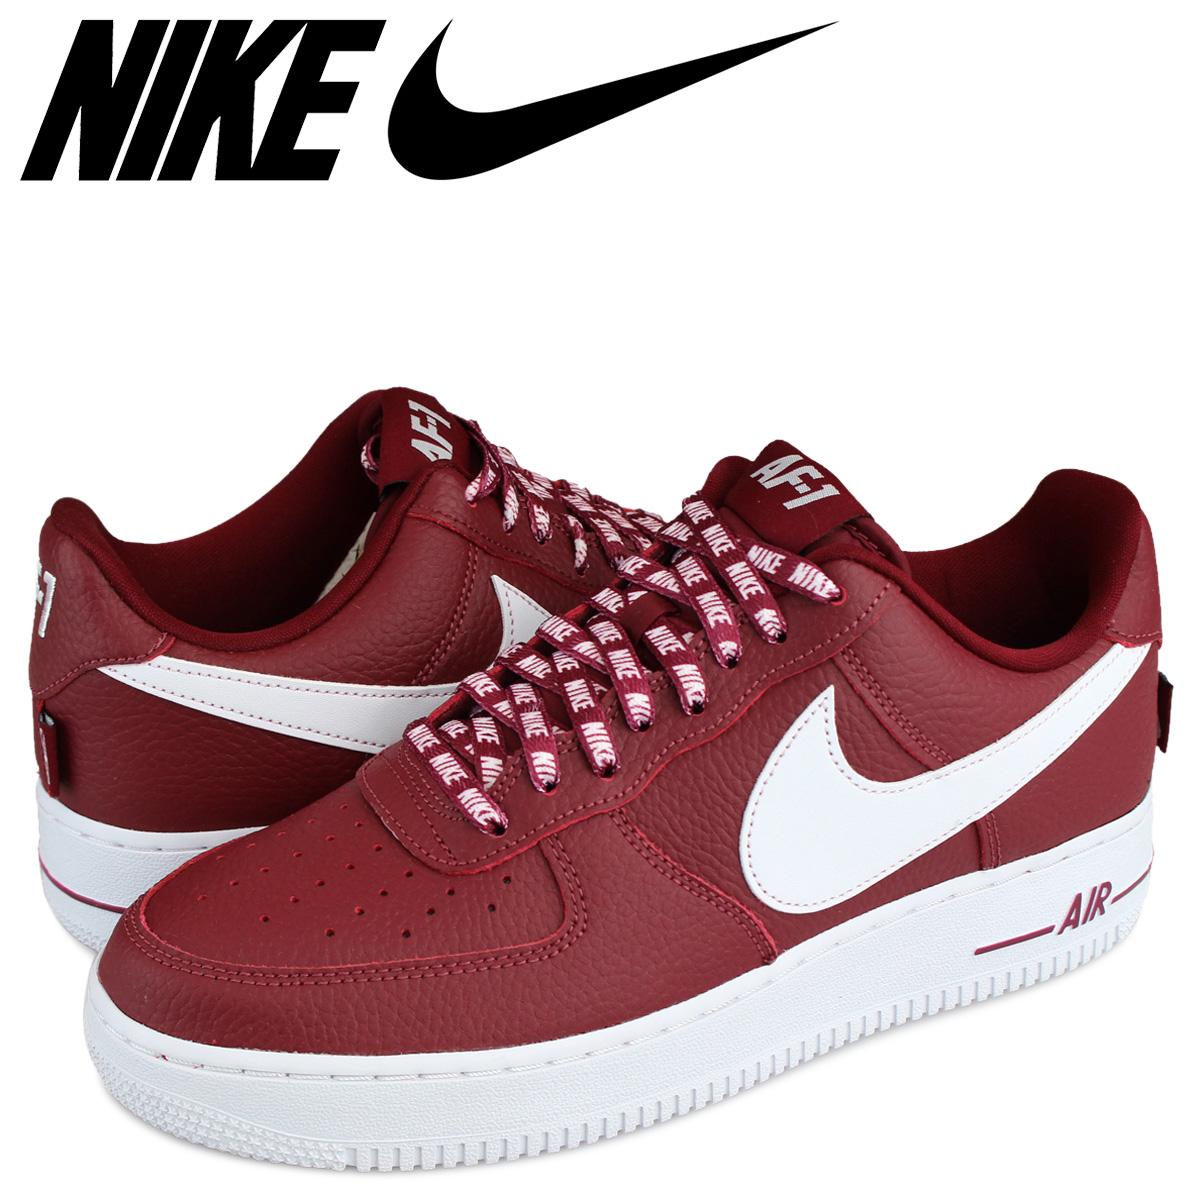 scarpe nike air force nba